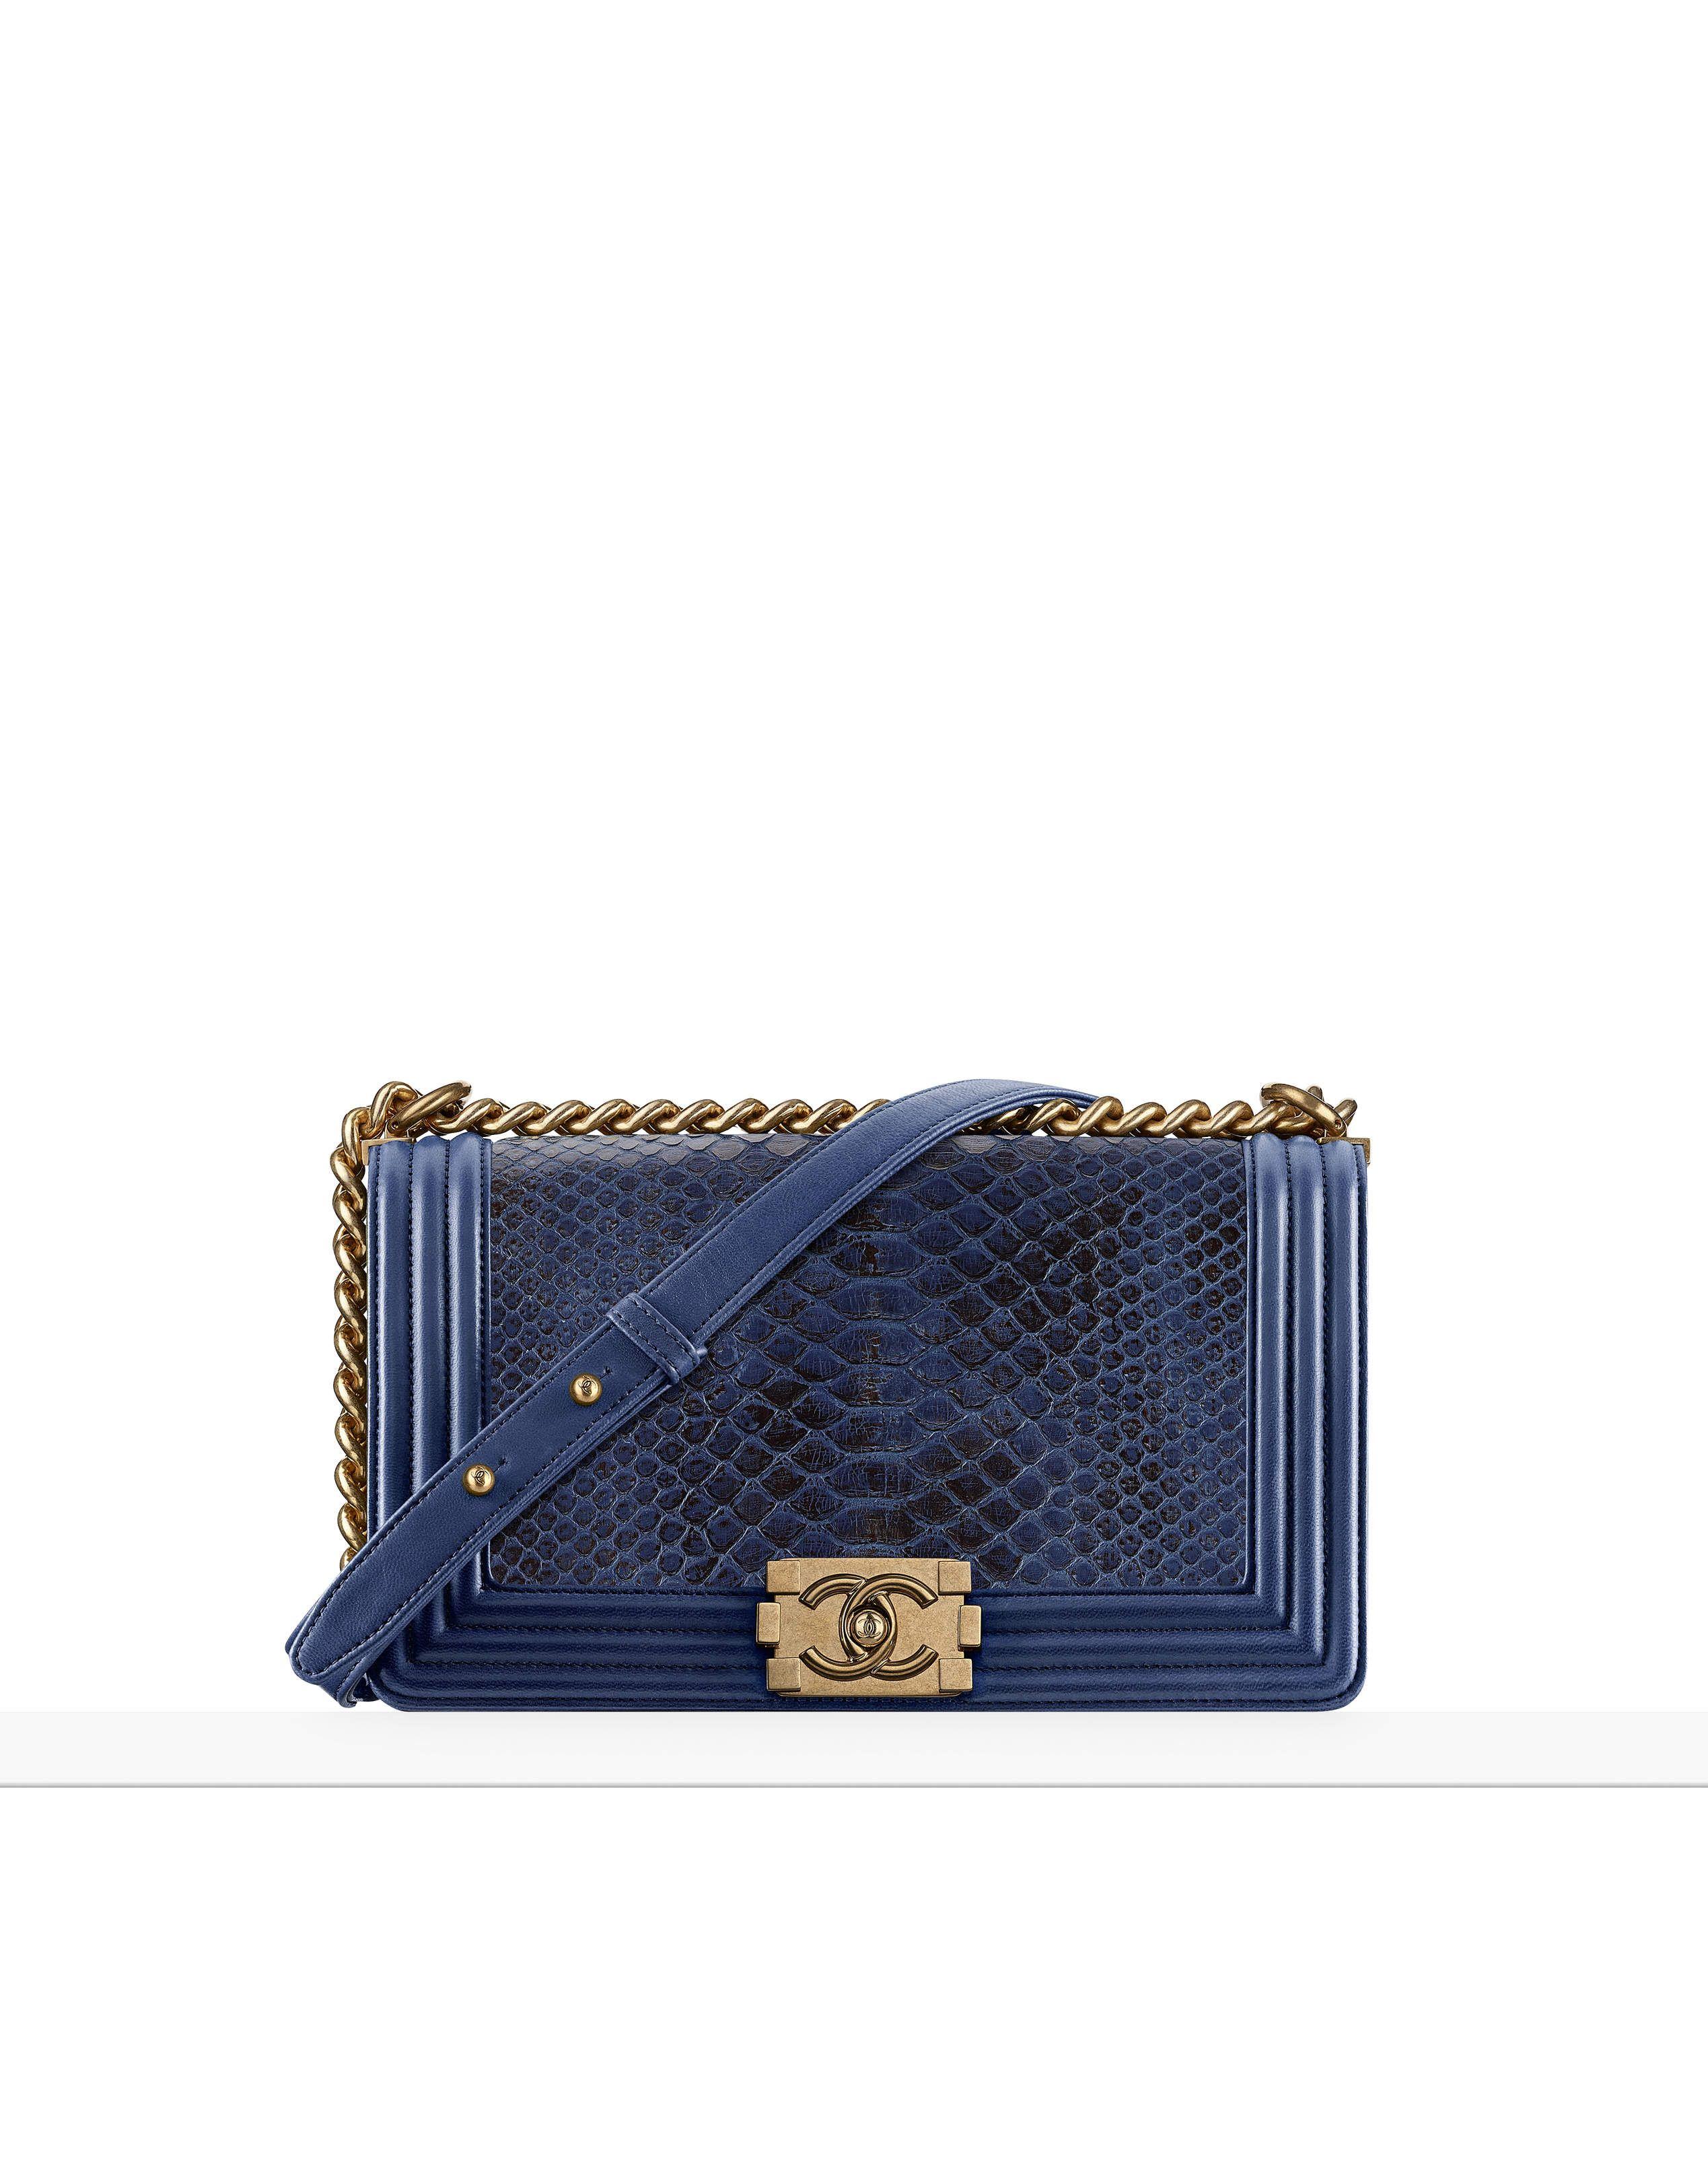 A coleção Bolsas no site oficial CHANEL   Chanel Bolsas   Pinterest ... 6eb1bea83e